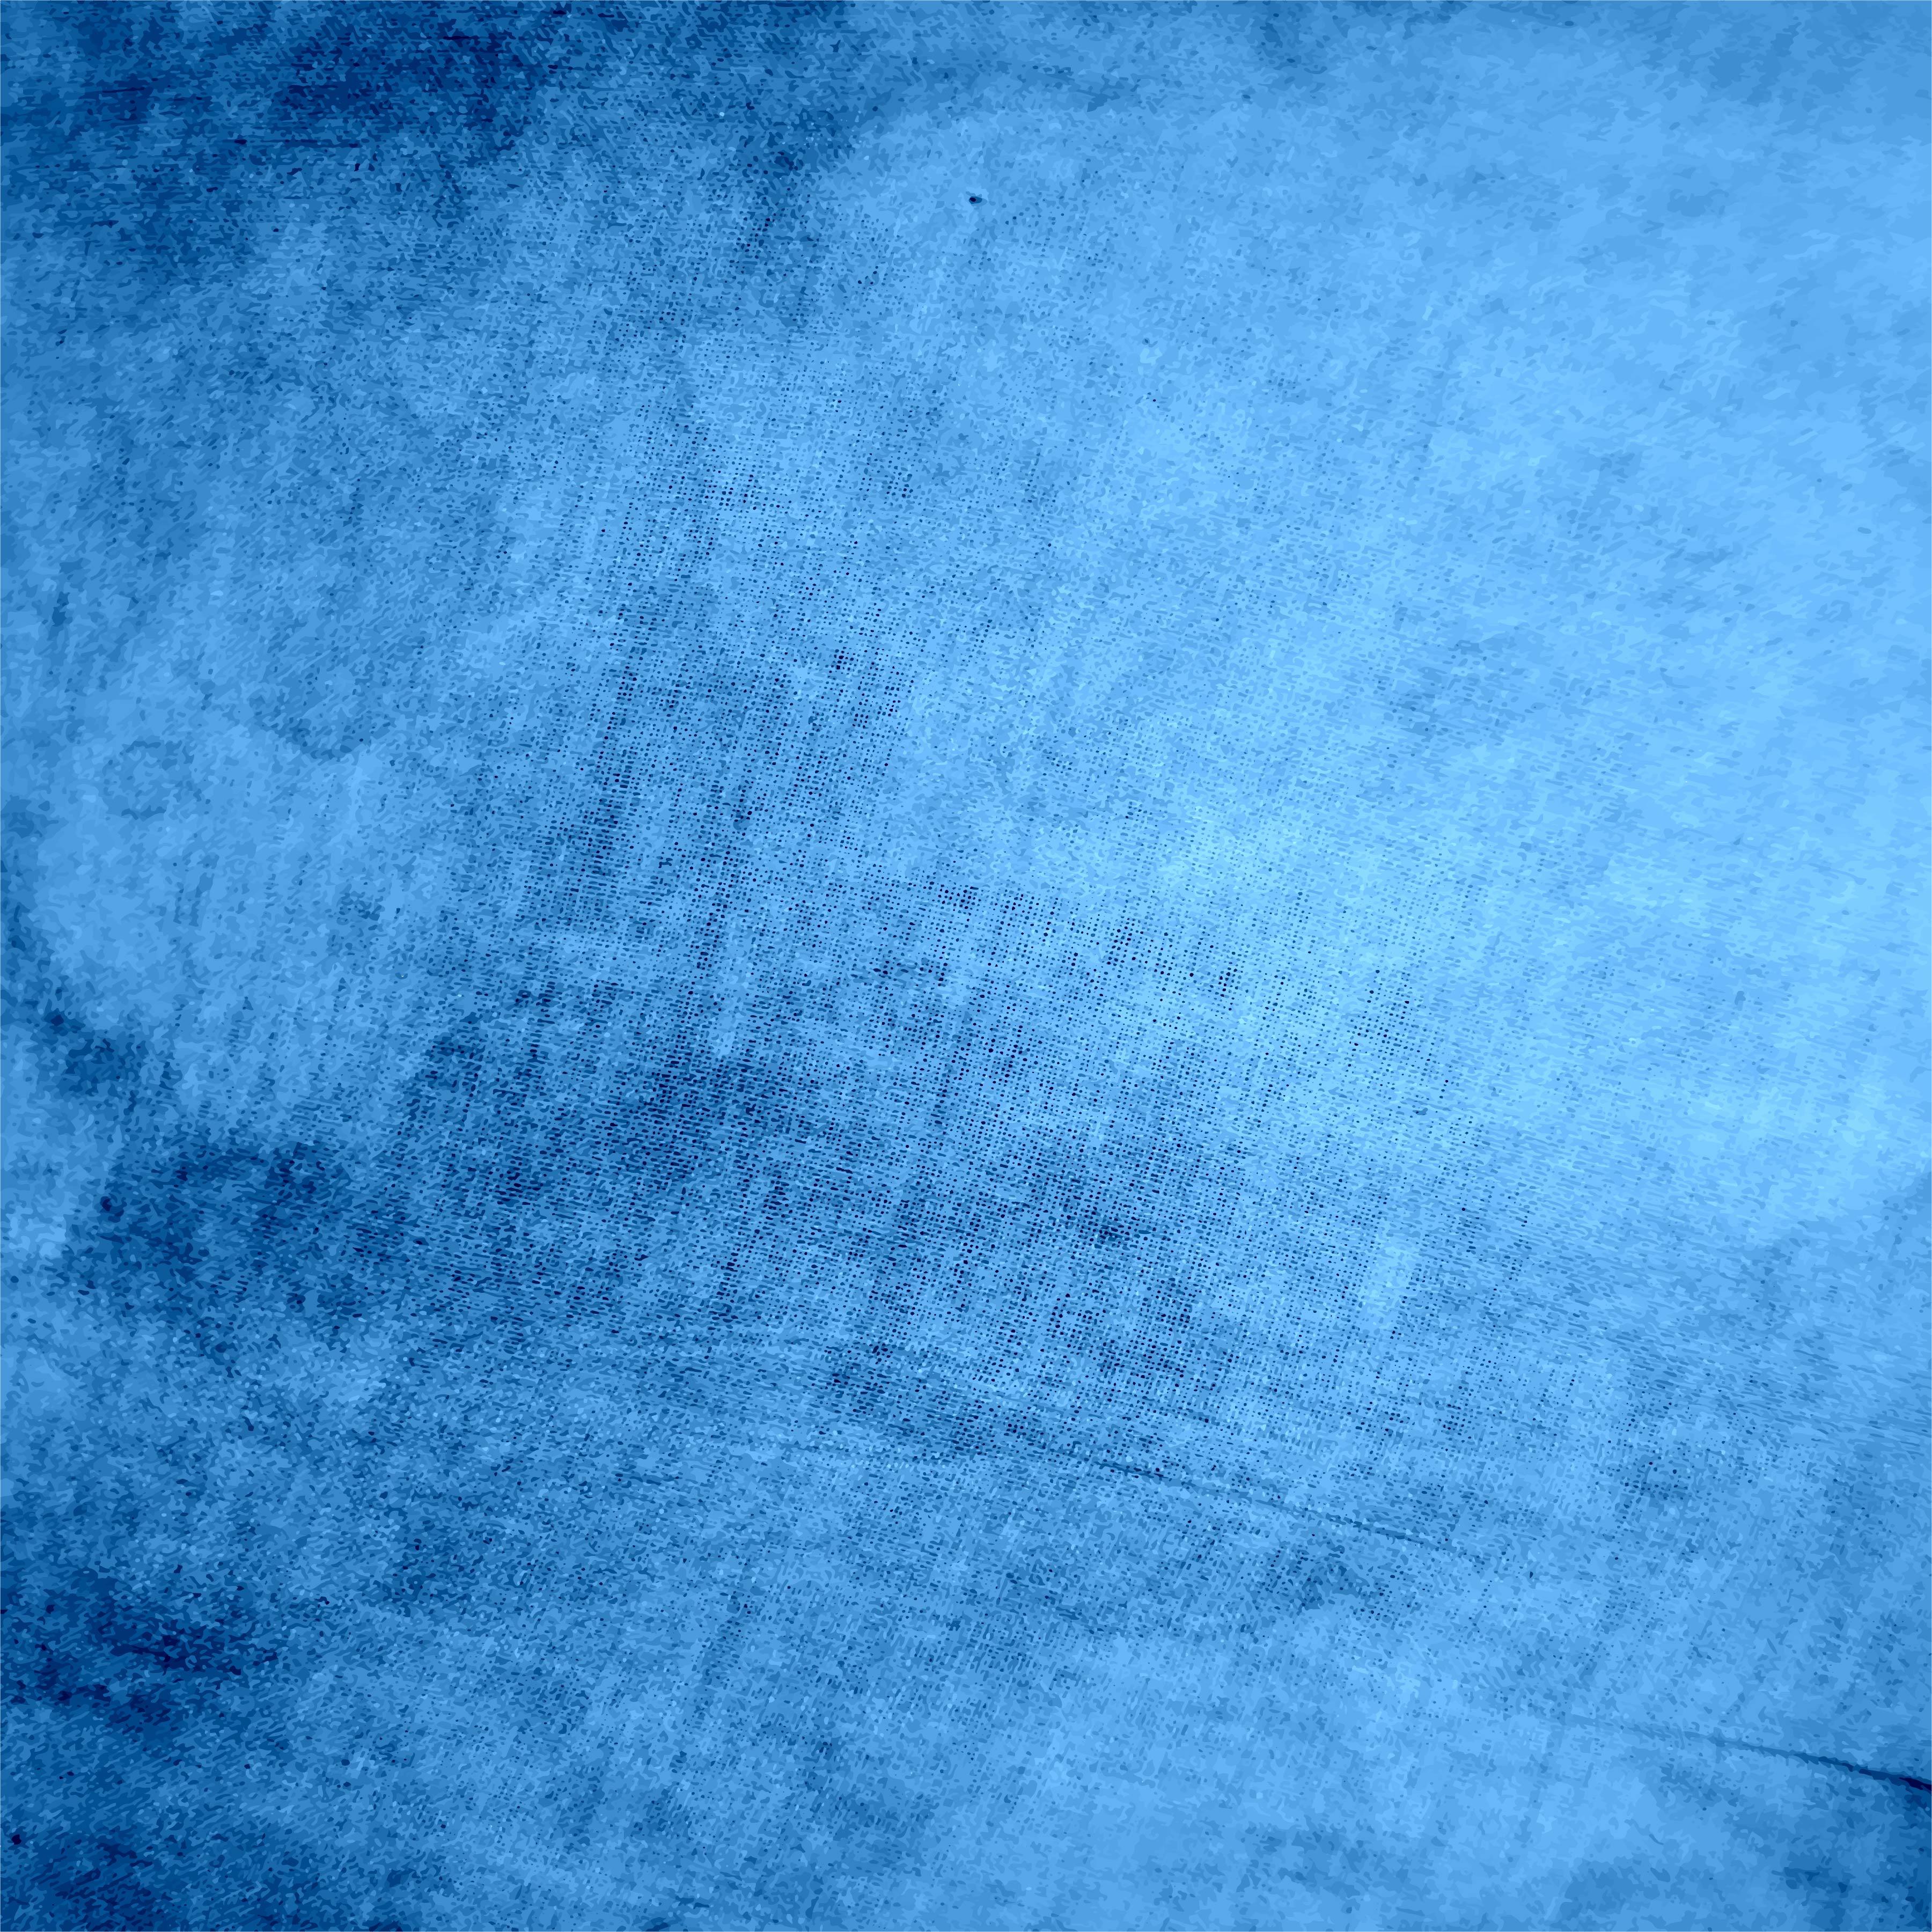 Textura De Fundo Azul Belo Design De Arte Moderna Abstrata